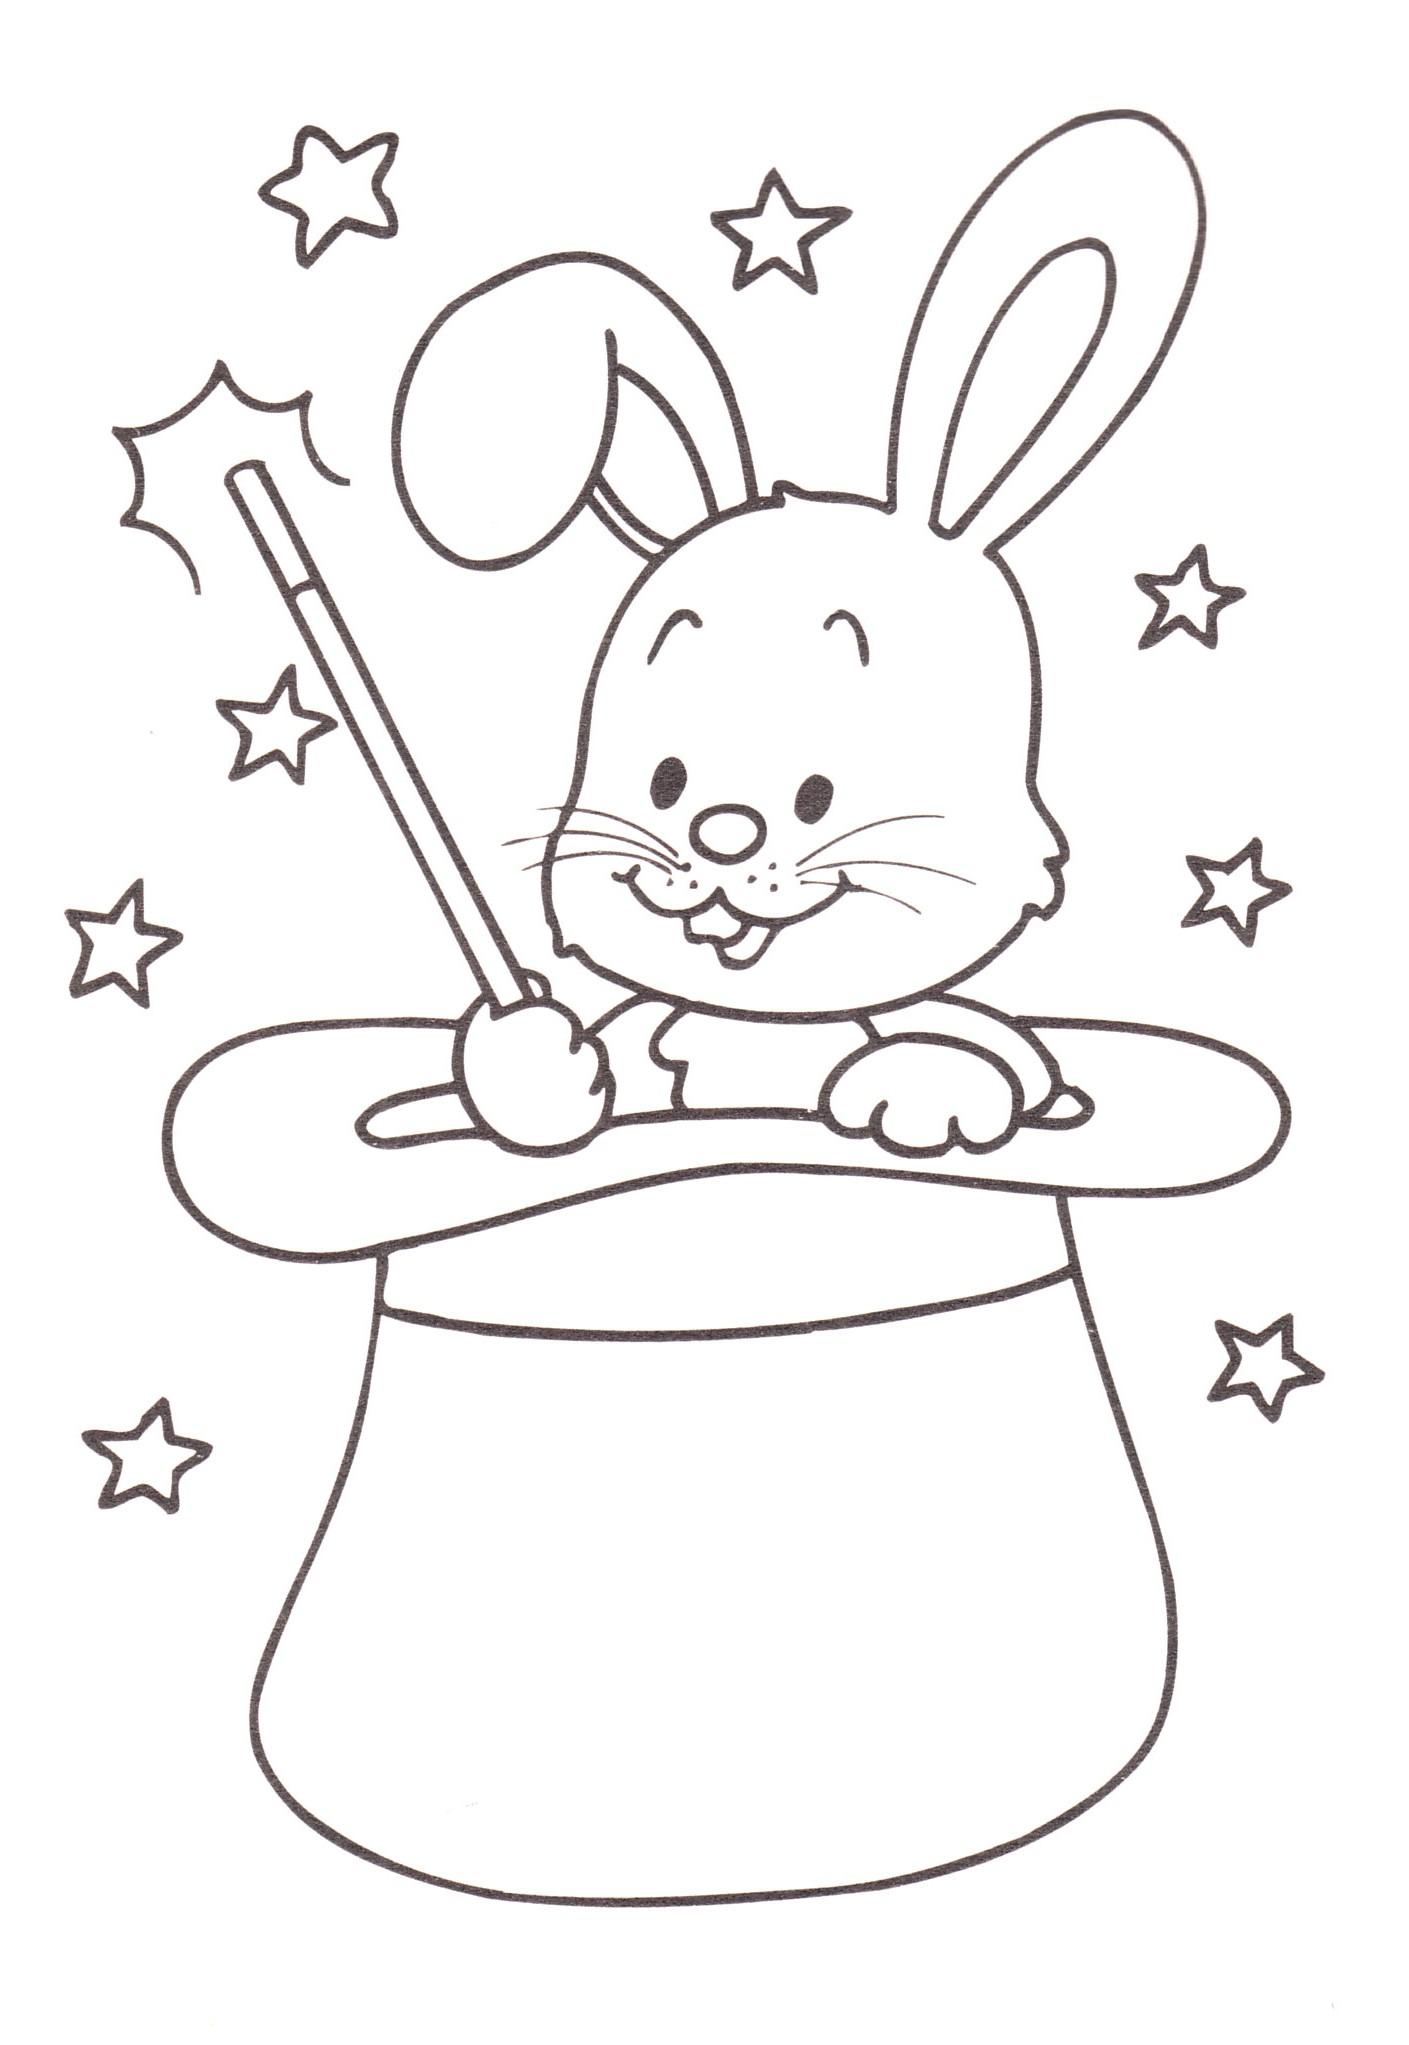 Bella Disegni Natalizi Per Bambini Colorati Coniglio Migliori